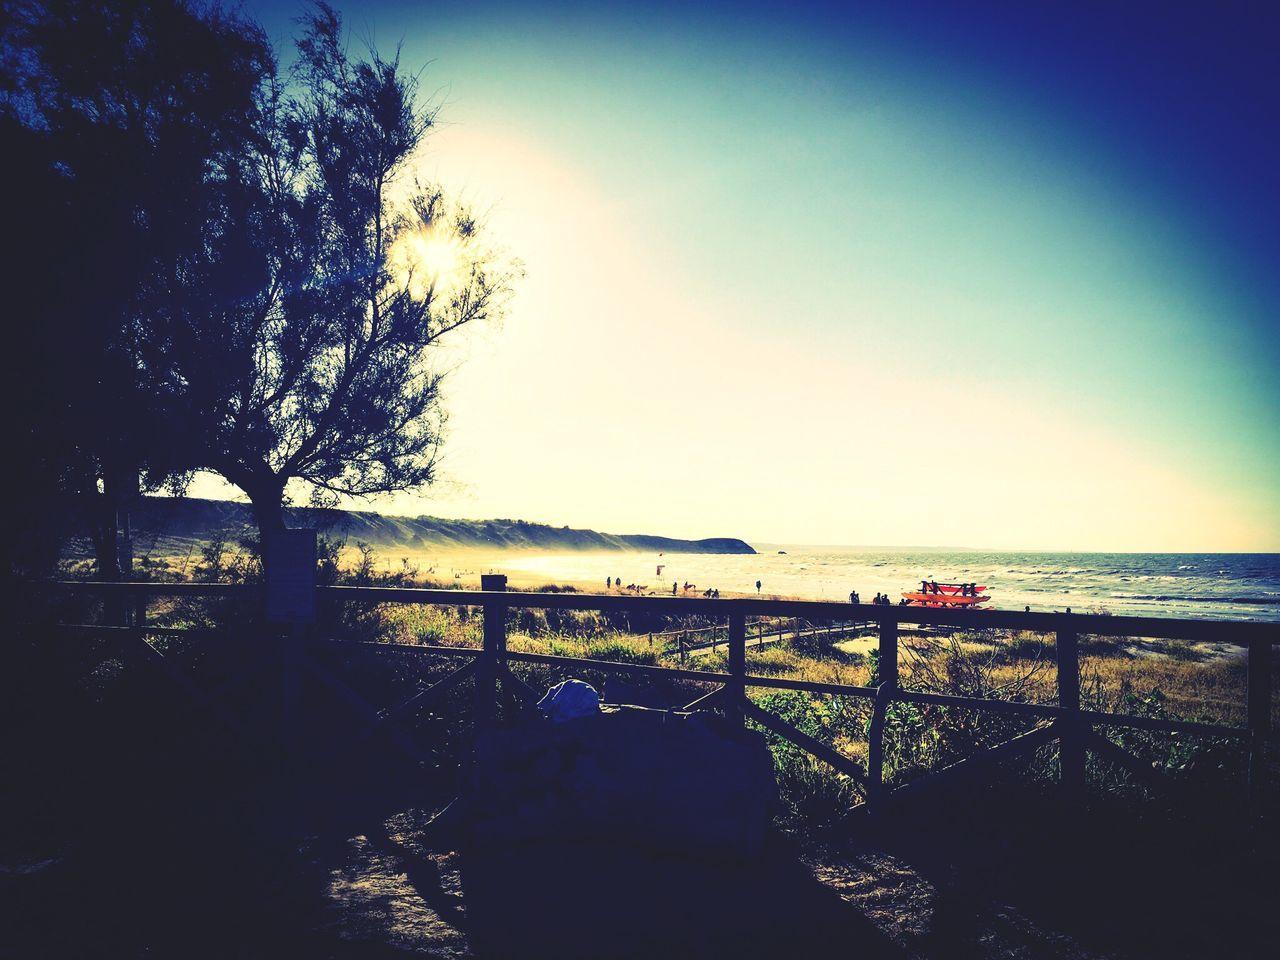 Costadeitrabocchi Sea Tranquility Nature Beauty In Nature Non Urban Scene Blue